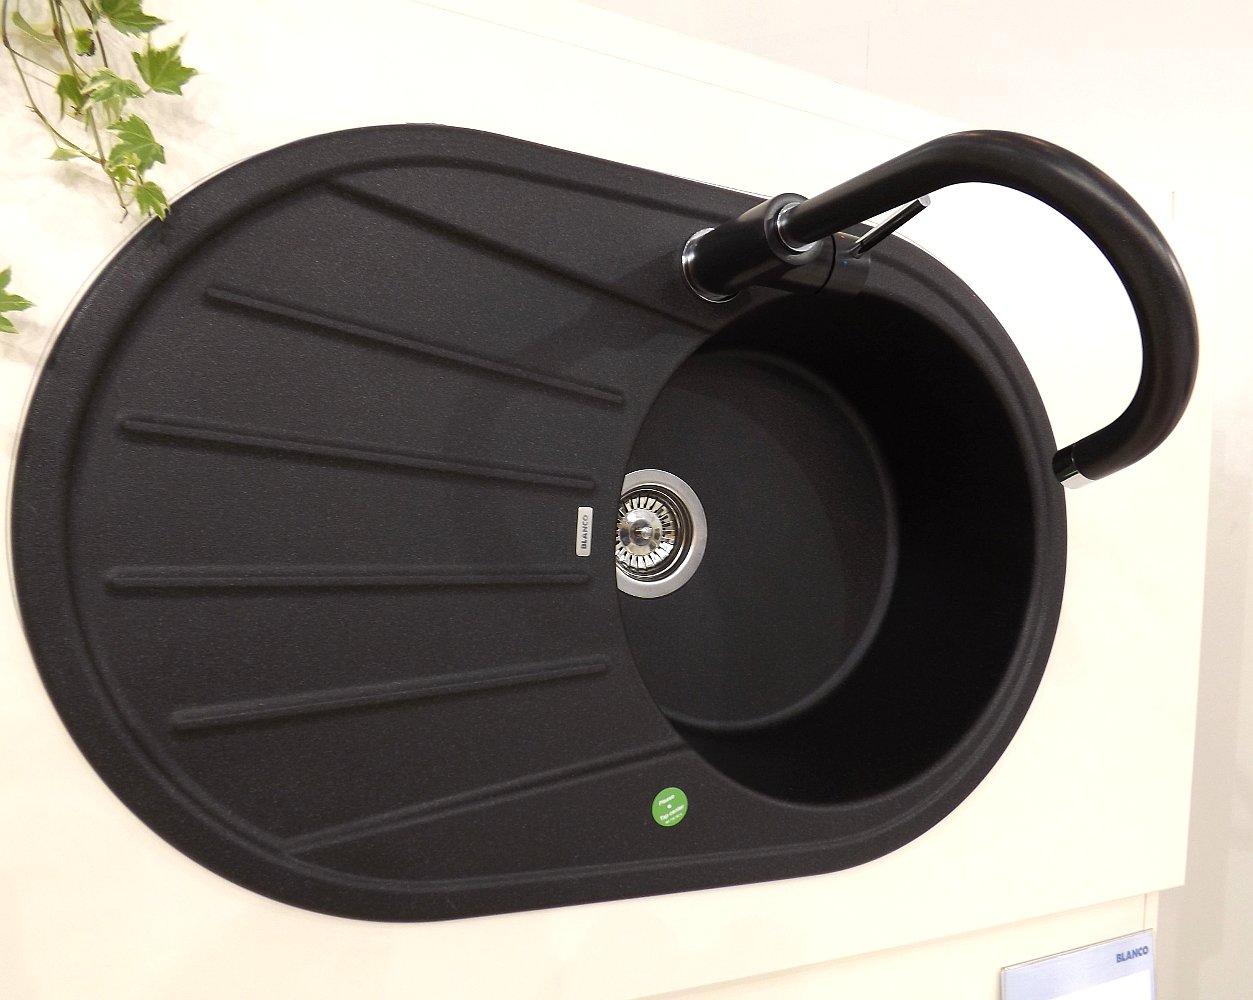 Кухонная мойка Blanco TAMOS 45S из материала PROGRANIT со смесителем Blanco MIDA на выставке МЕБЕЛЬ-2013